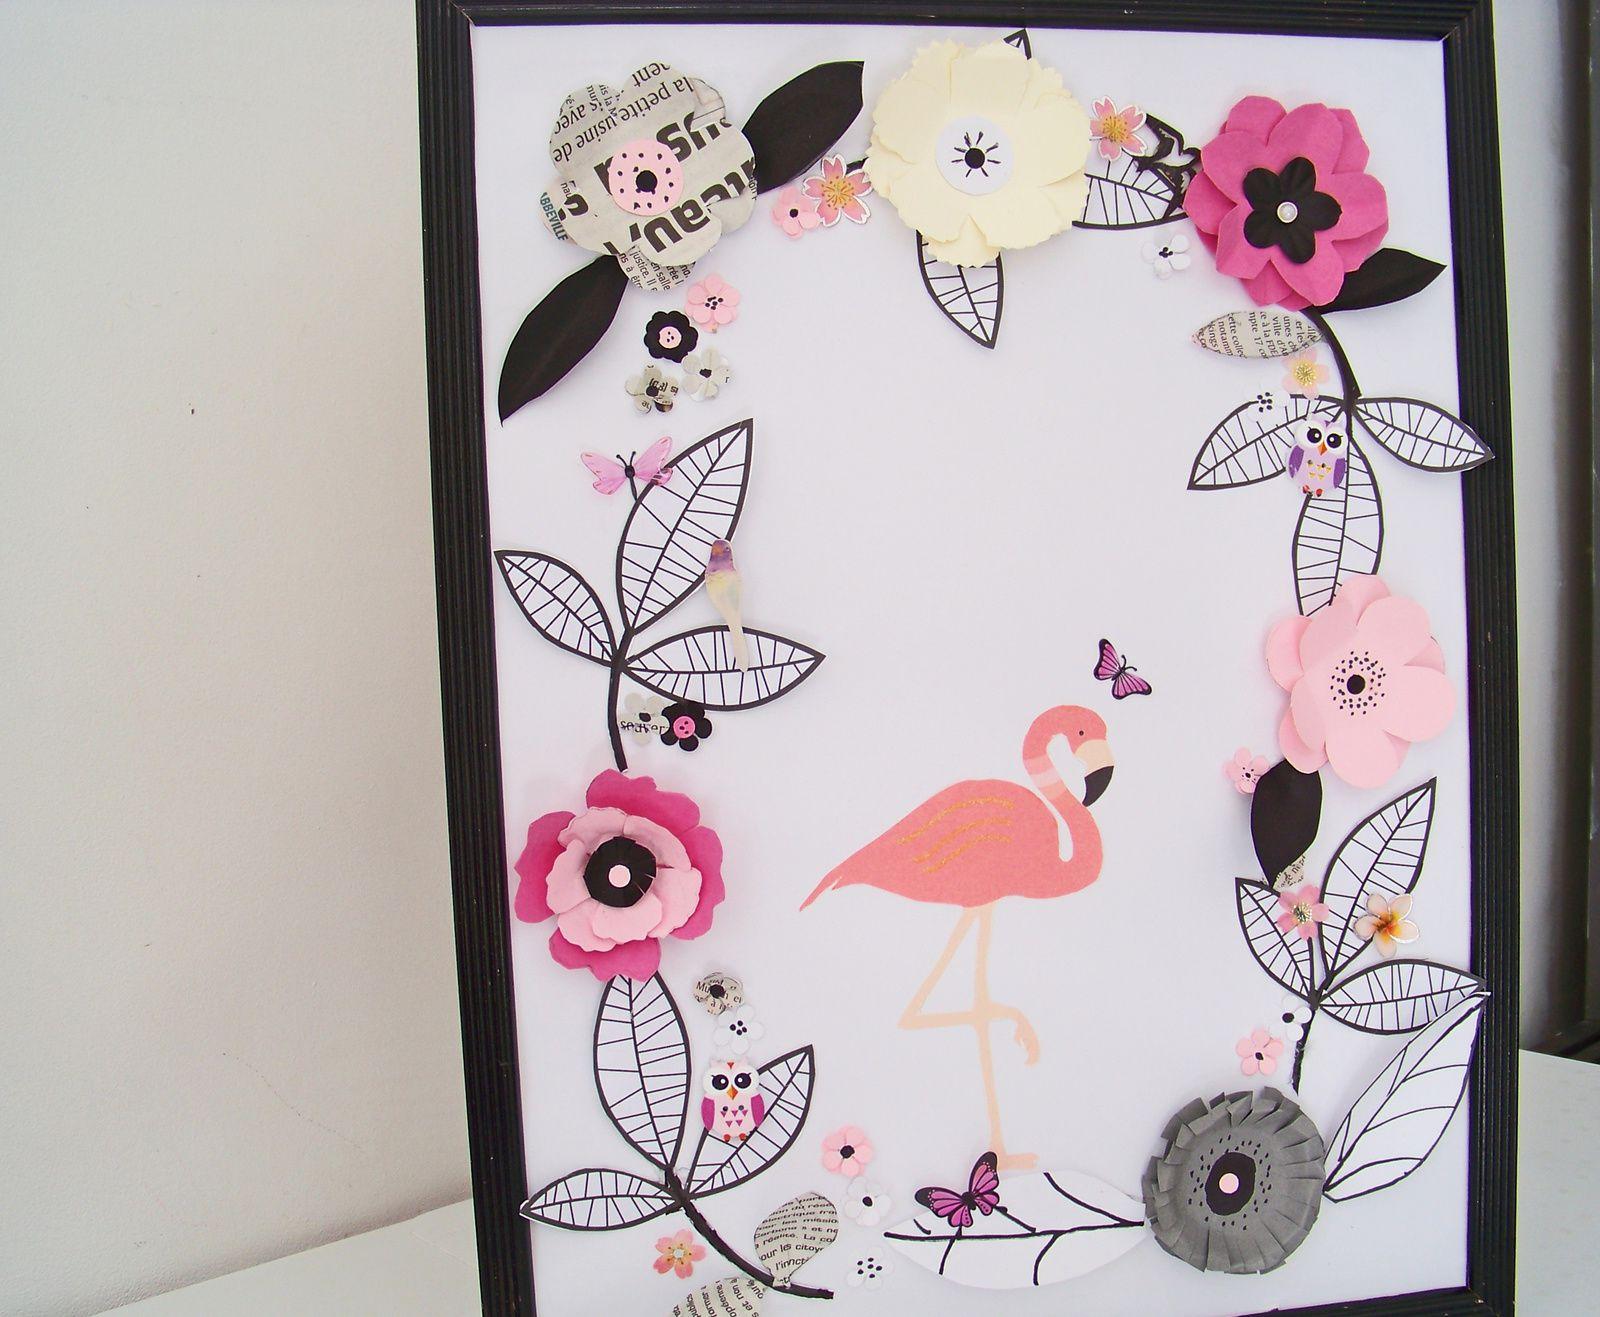 Les fleurs en papier pour un cadre de printemps